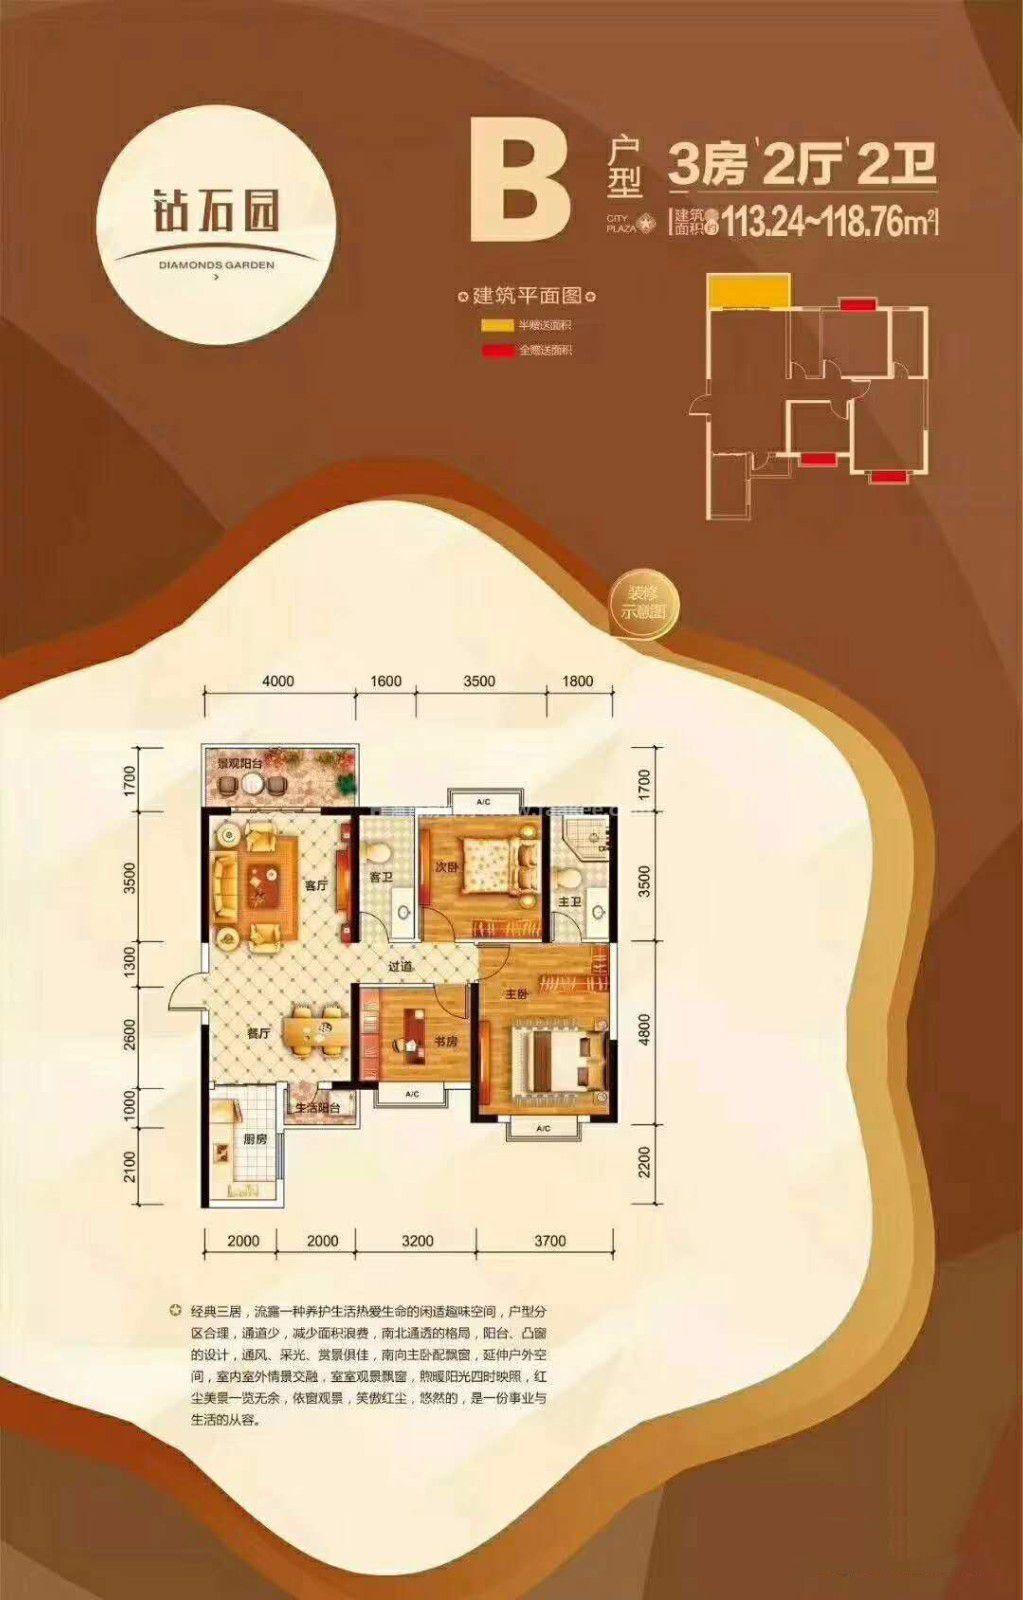 3室2厅2卫1厨 建筑面积113.24㎡